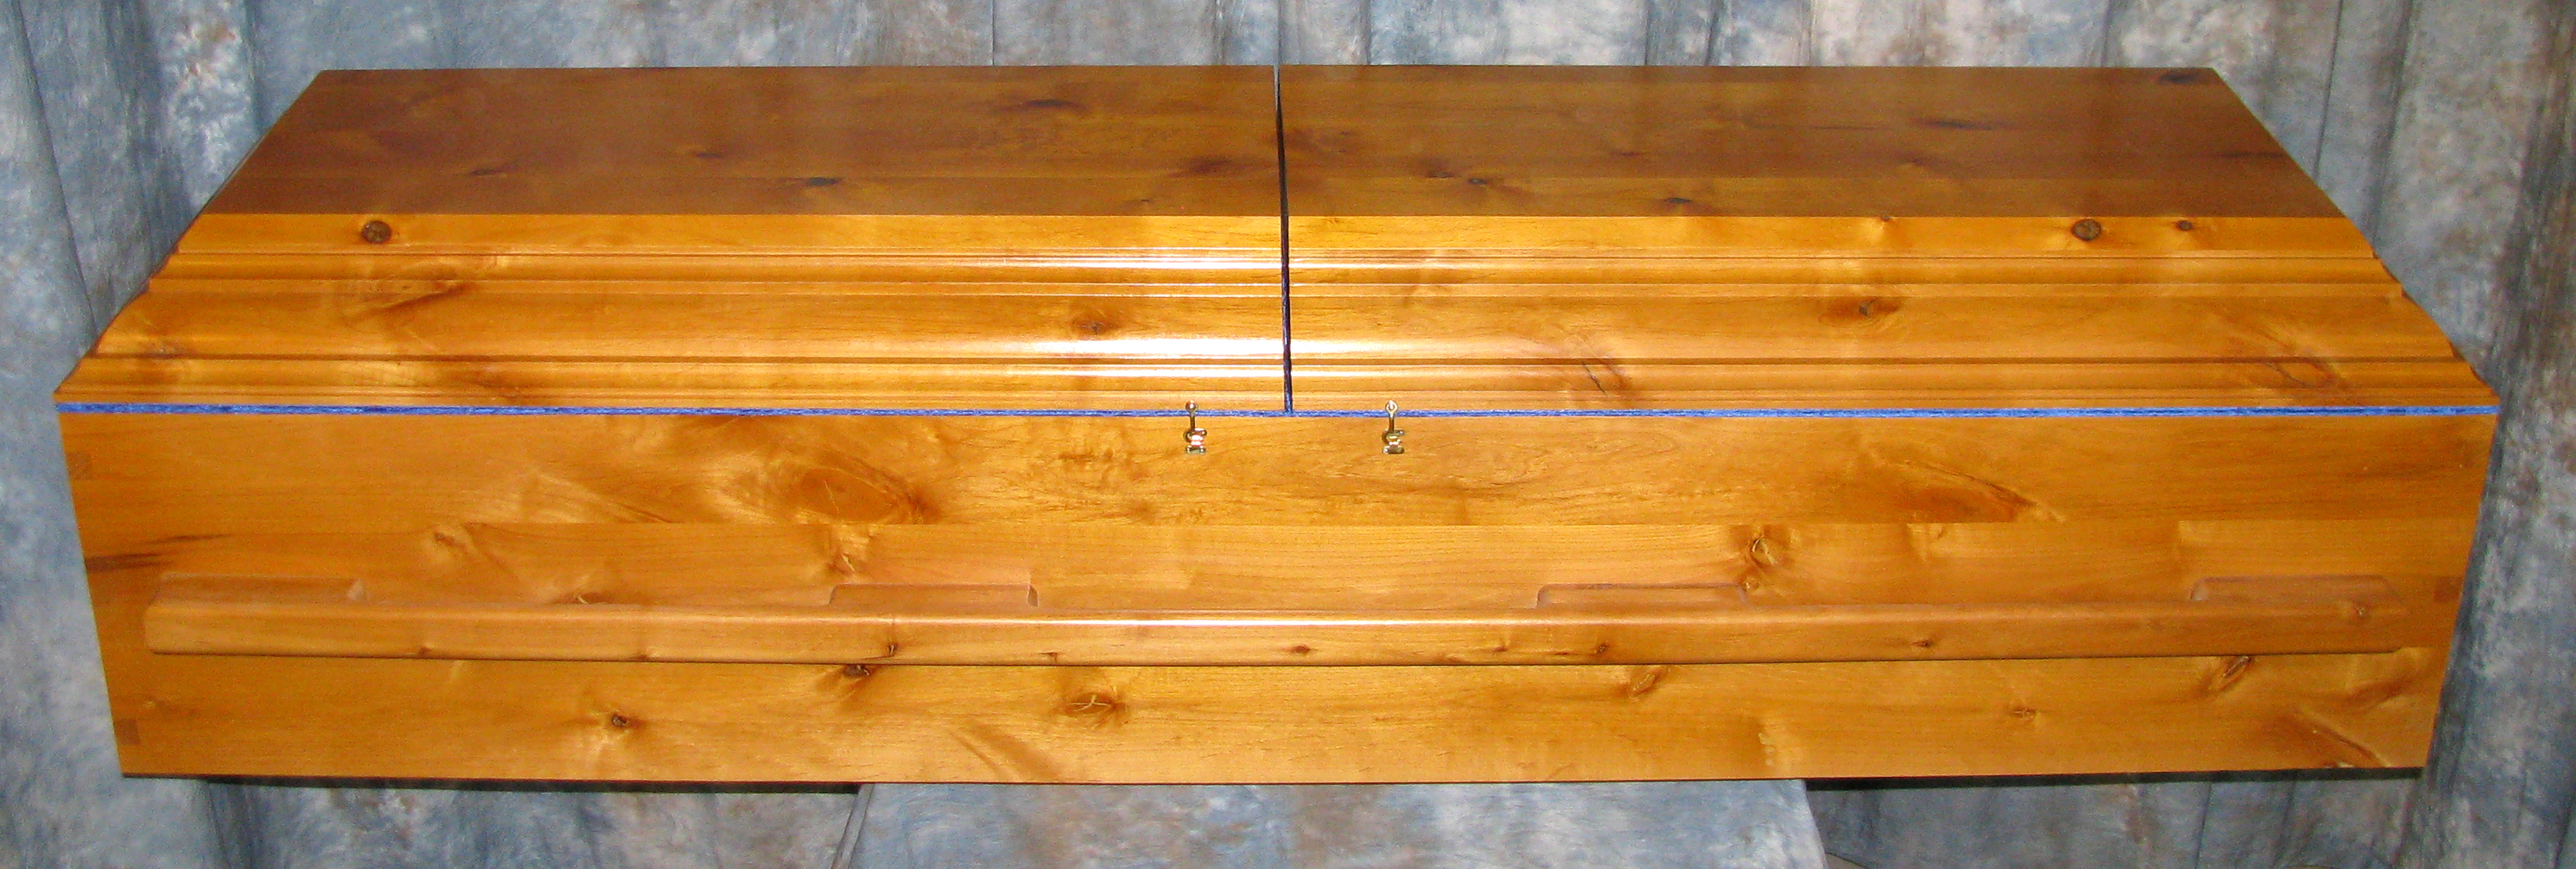 Hardwood Alder Caskets Custom Alder Caskets Coffins